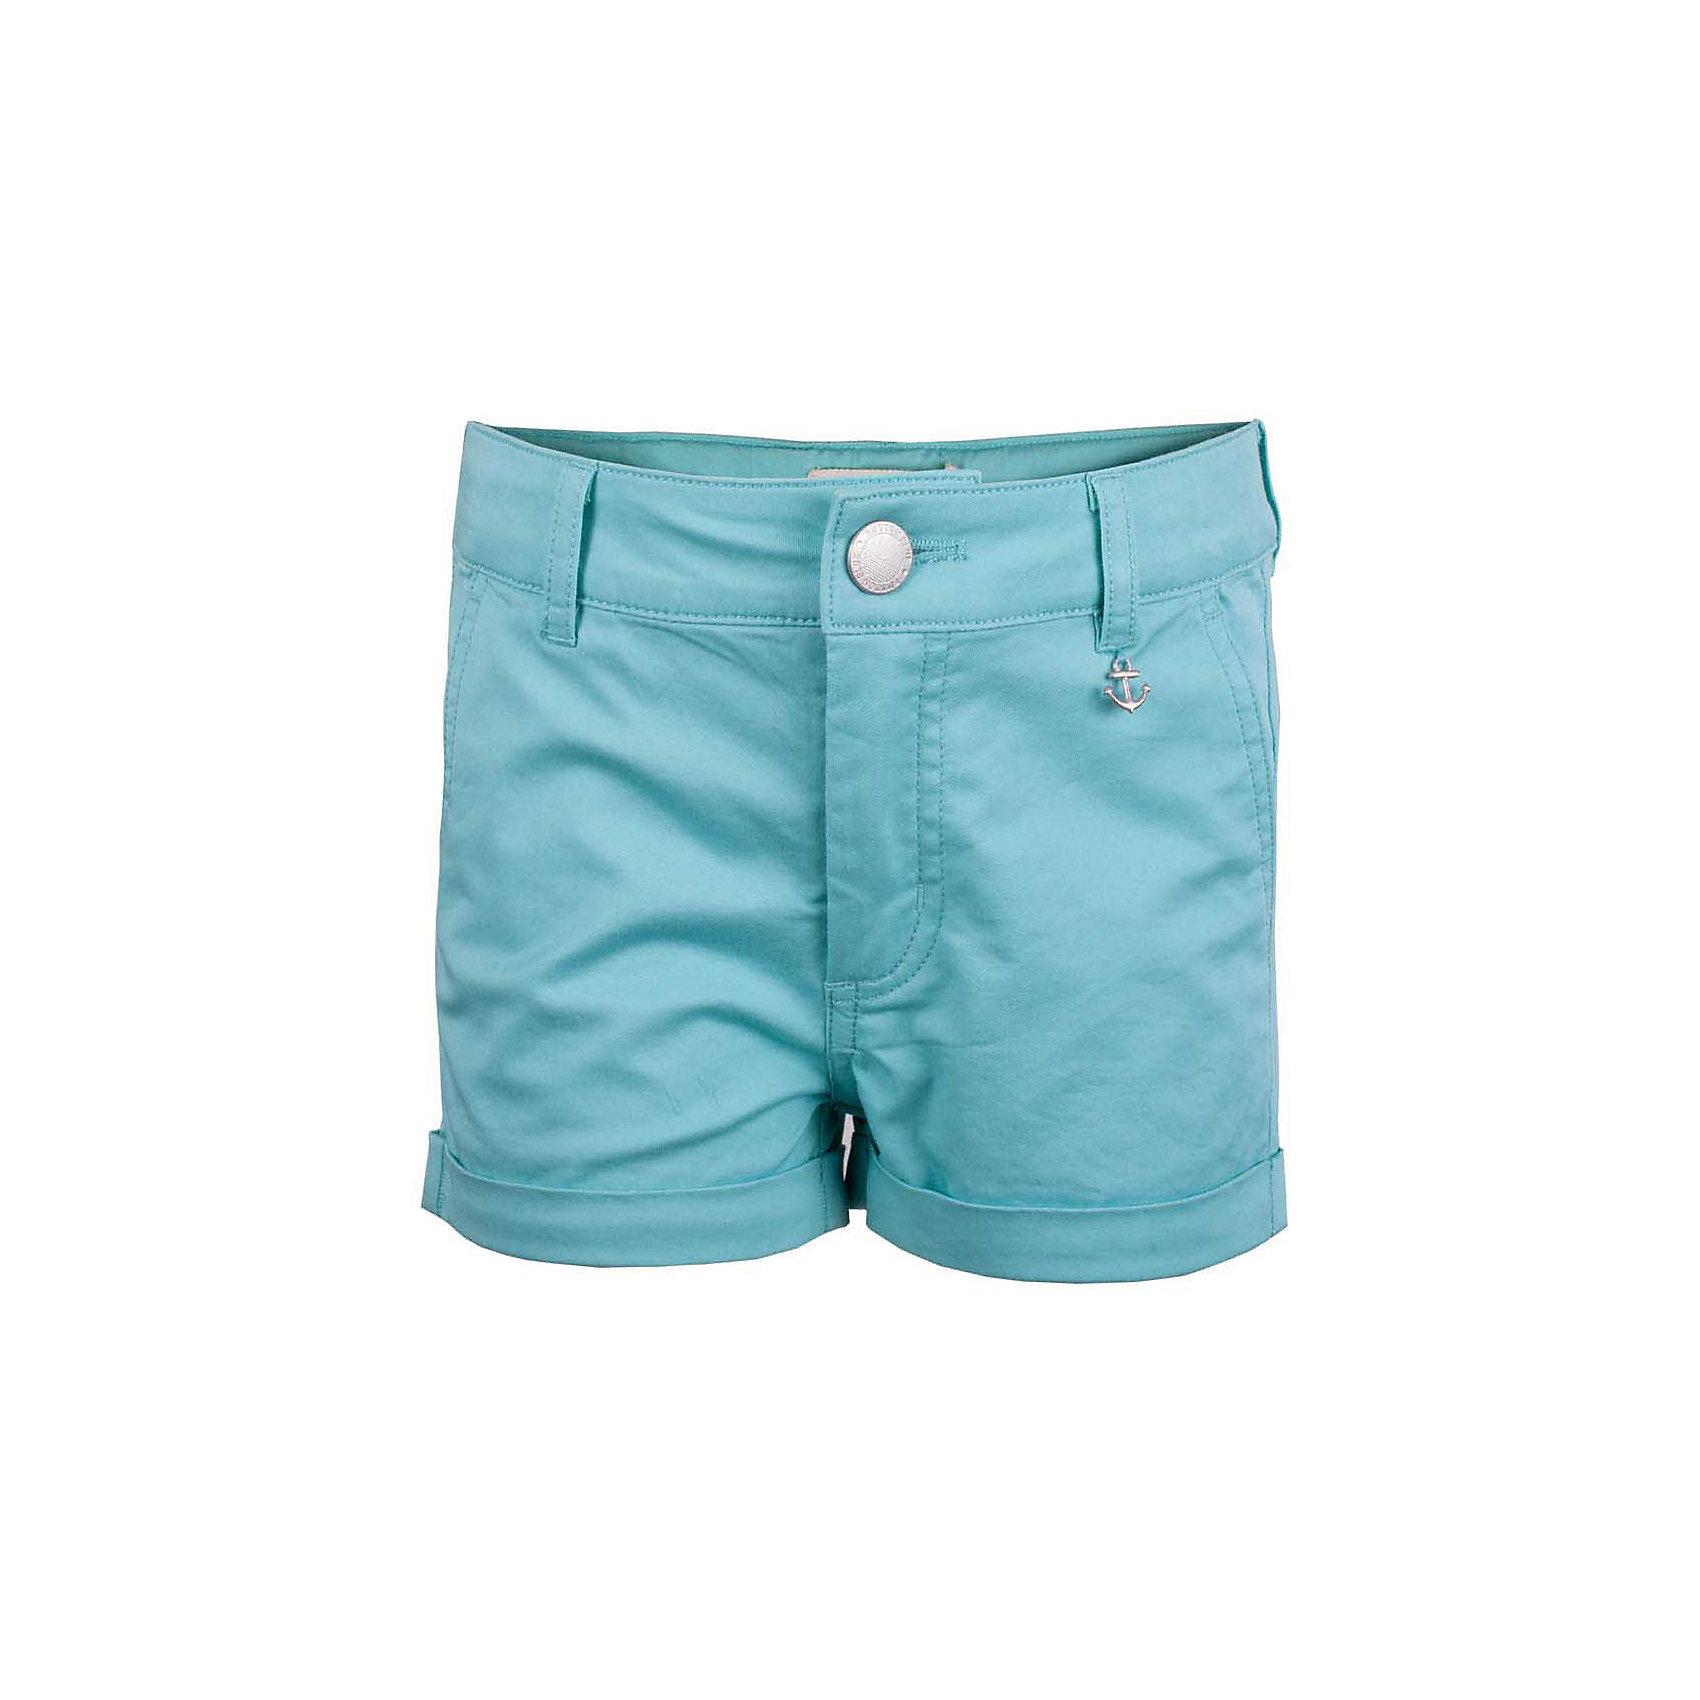 Шорты для девочки  BUTTON BLUEШорты, бриджи, капри<br>Шорты для девочки  BUTTON BLUE<br>Яркие шорты - залог стильного образа для каждого дня жаркого лета. Отличные шорты по доступной цене гарантируют прекрасный внешний вид, комфорт и свободу движений. В компании с любой майкой, футболкой, топом, шорты составят достойный летний комплект. Если вы хотите купить недорогие детские шорты, не сомневаясь в их качестве, высоких потребительских свойствах и соответствии модным трендам, шорты от Button Blue - отличный вариант!<br>Состав:<br>97% хлопок 3% эластан<br><br>Ширина мм: 191<br>Глубина мм: 10<br>Высота мм: 175<br>Вес г: 273<br>Цвет: зеленый<br>Возраст от месяцев: 72<br>Возраст до месяцев: 84<br>Пол: Женский<br>Возраст: Детский<br>Размер: 122,104,98,110,116<br>SKU: 5523634